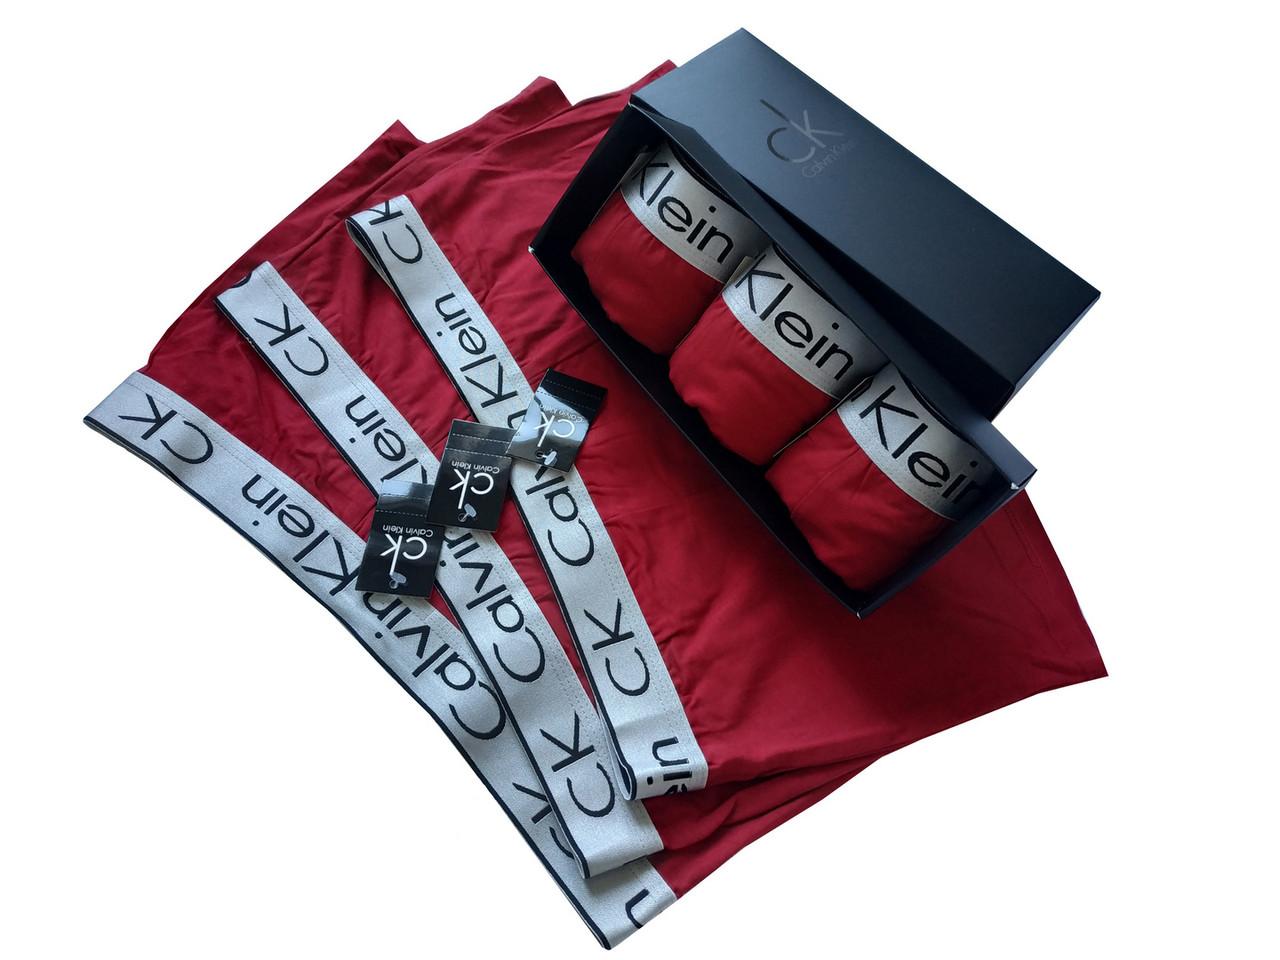 Набор бордовых мужских трусов Сalvih Kleih Bold (реплика) в брендовой подарочной коробке размер XL 3 штуки